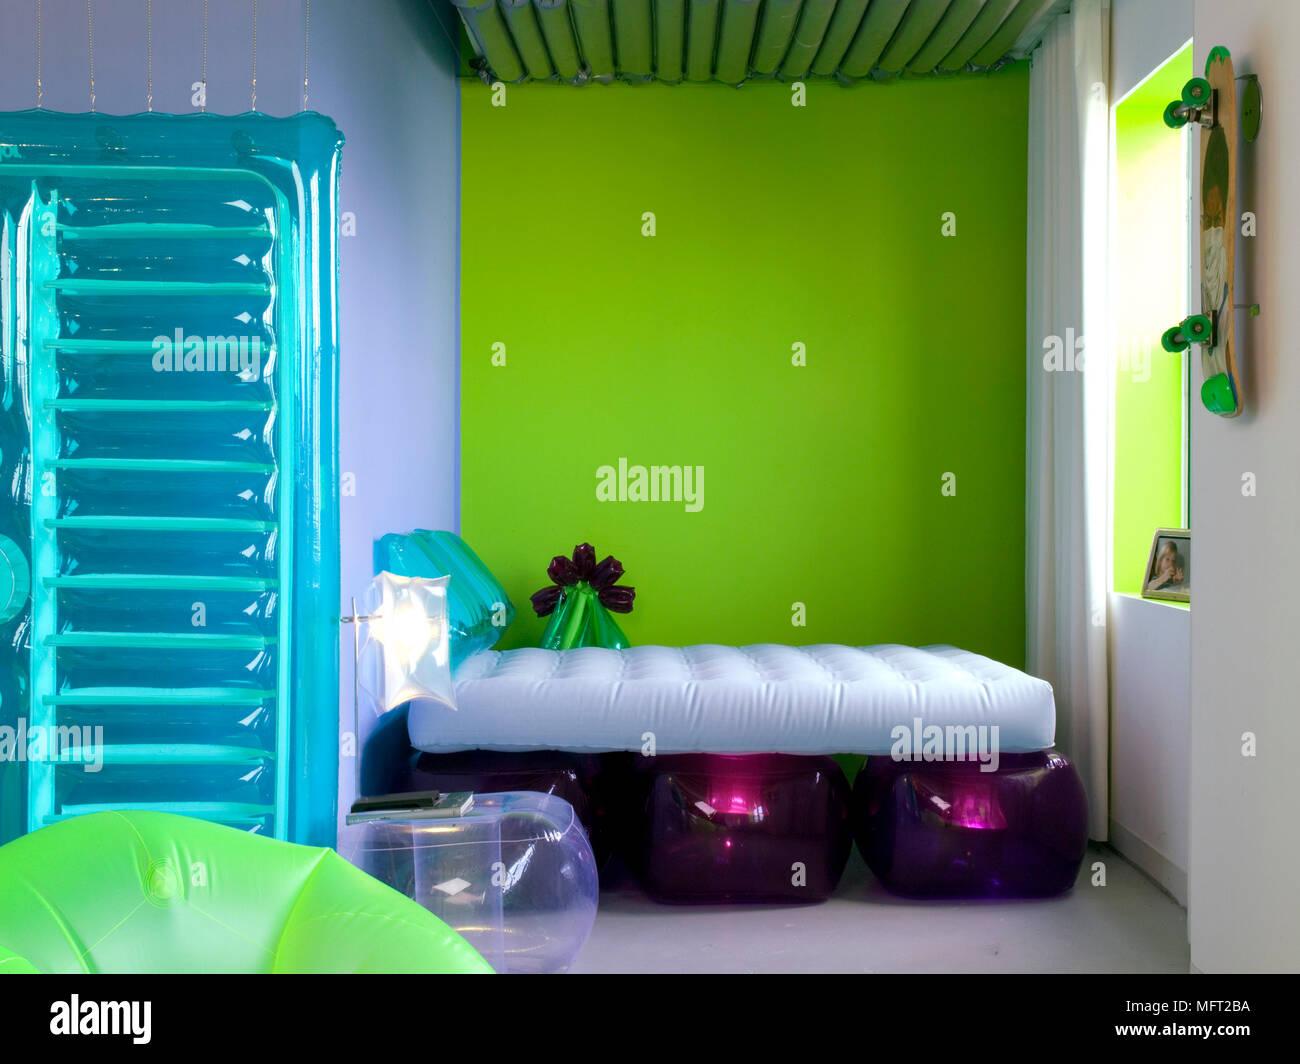 Camera Da Letto Gonfiabile.Childos Moderna Camera Da Letto Con Colori Vibranti E Arredamento